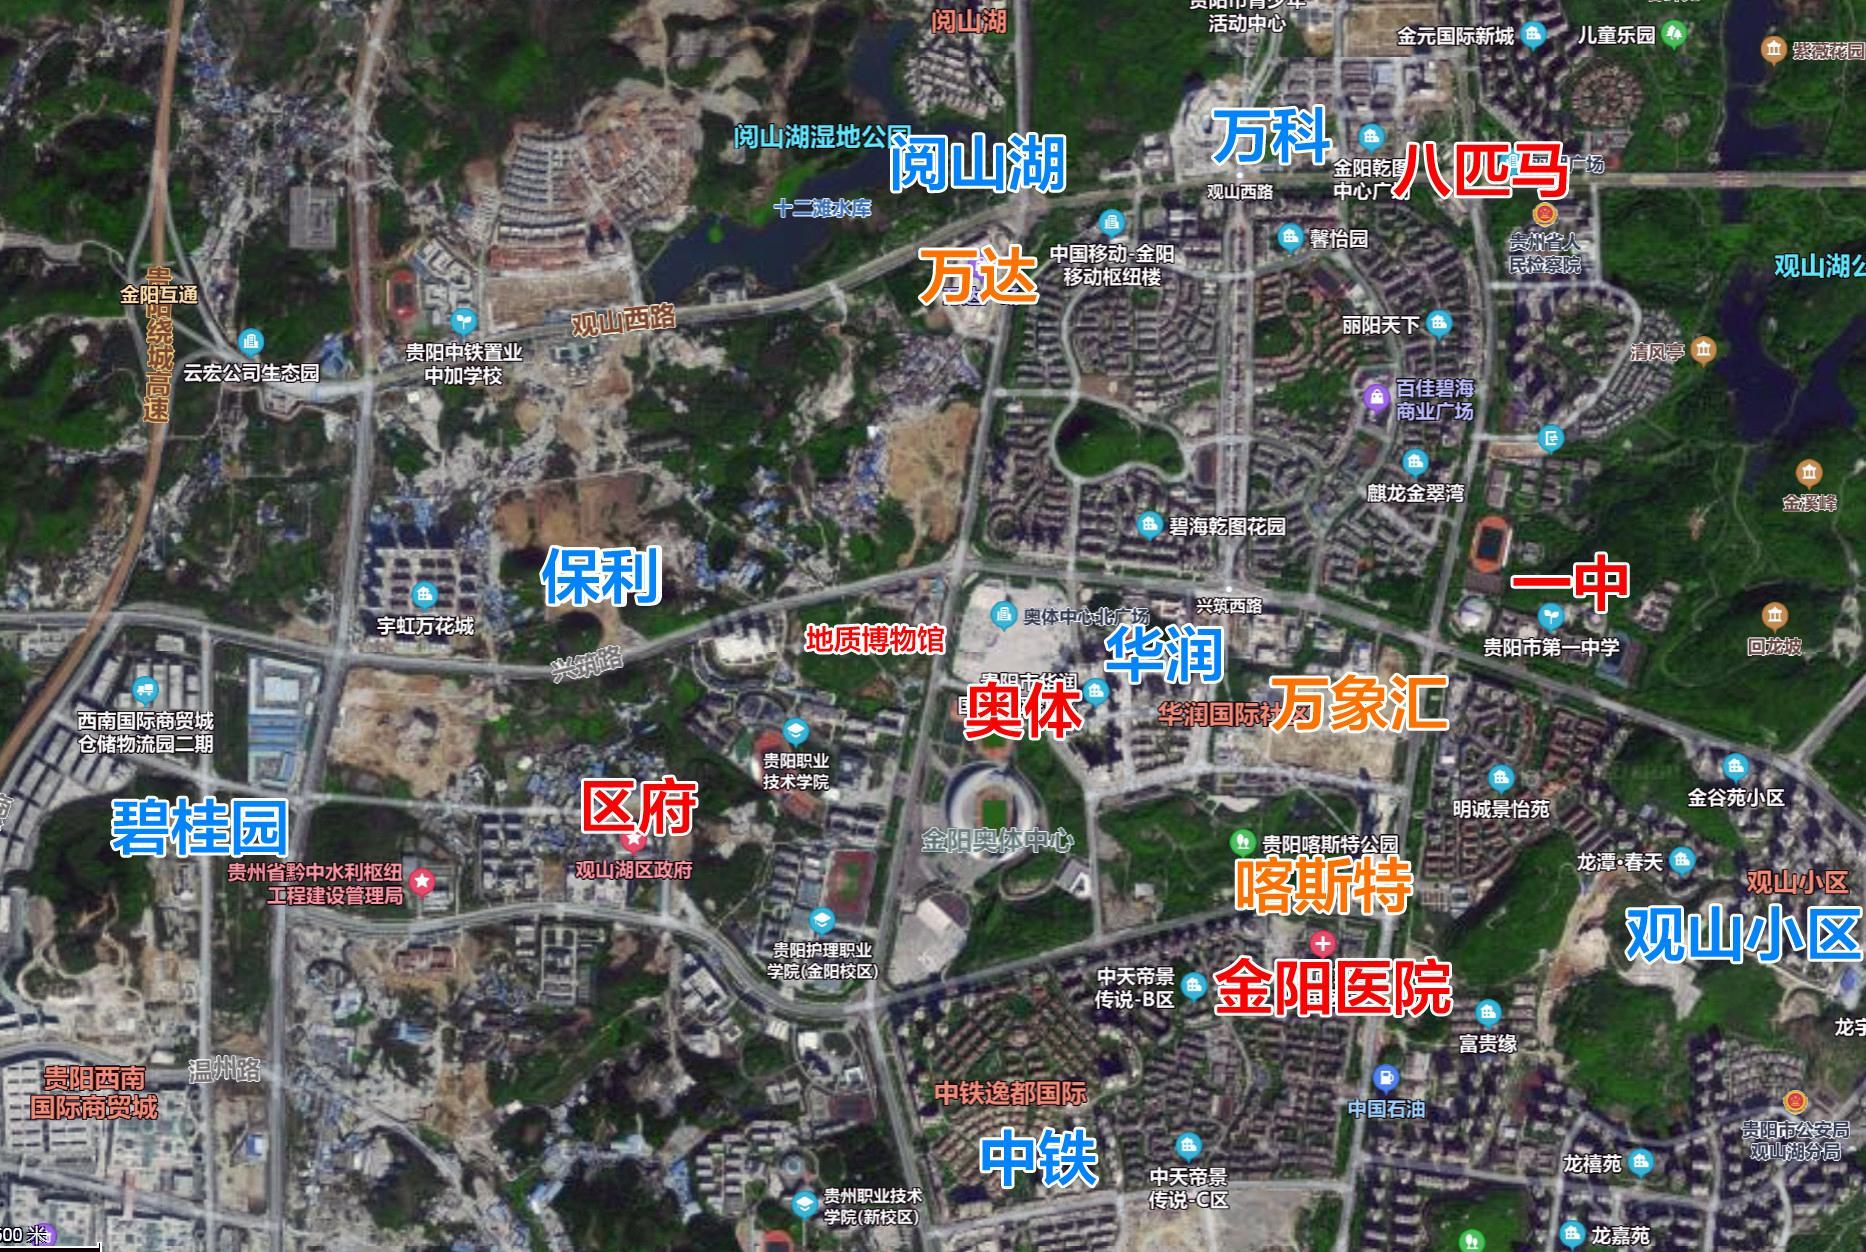 继花果园、世纪城之后,贵阳哪几个地段,能形成大型TOP商圈?